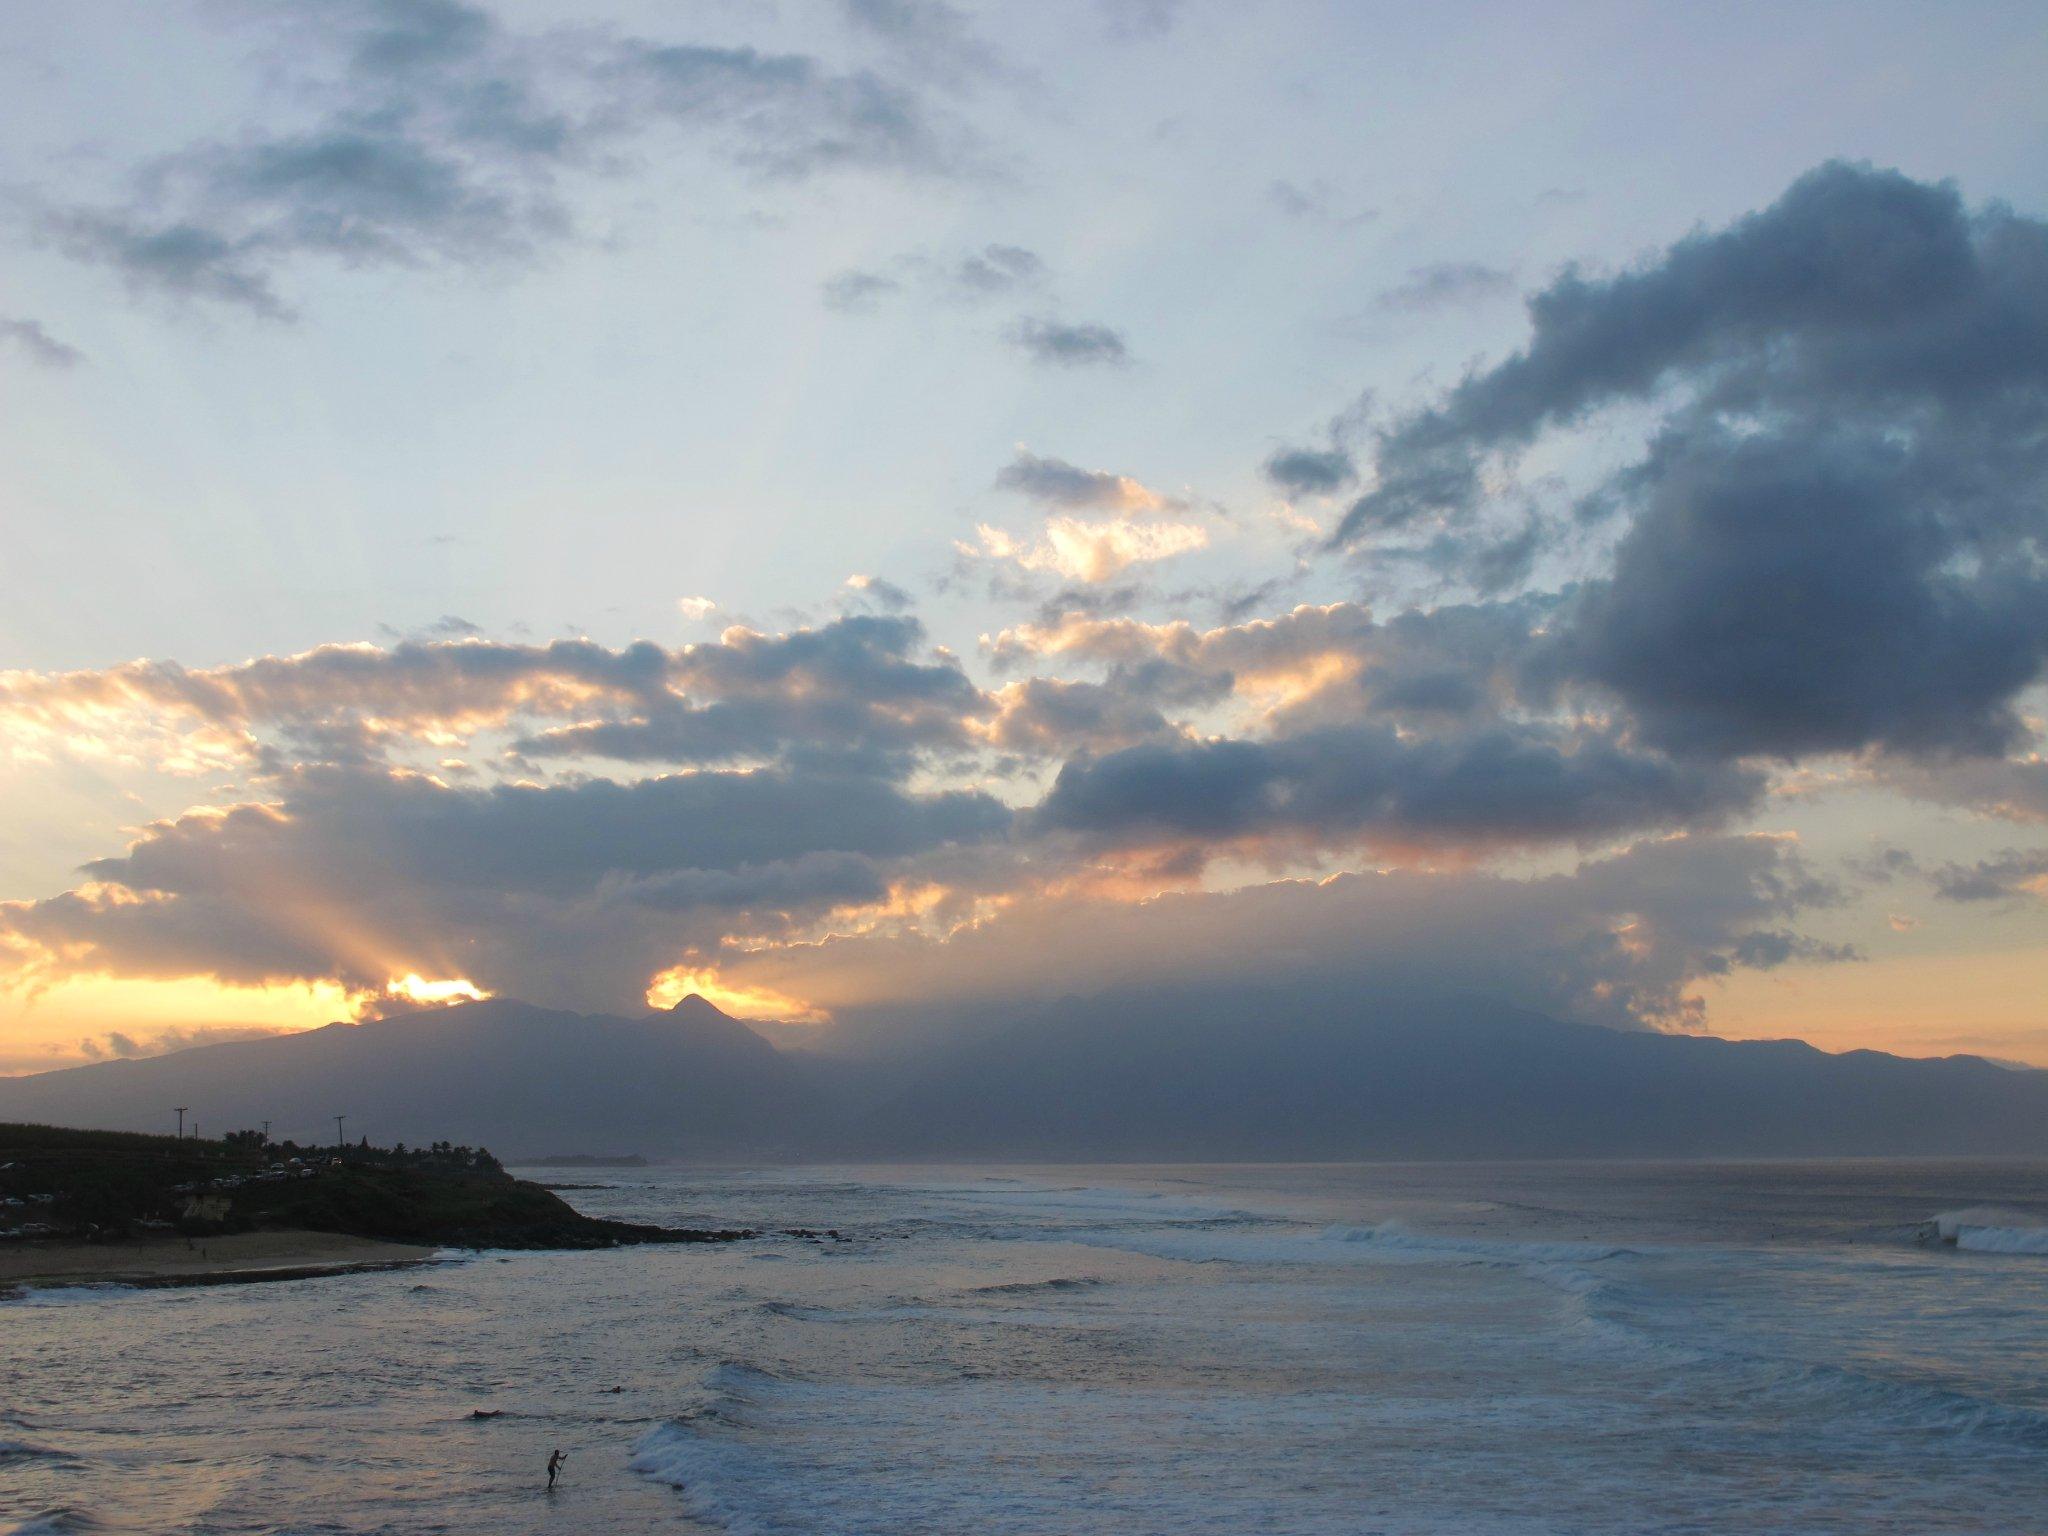 夏威夷——欧胡、茂宜、大岛自在游